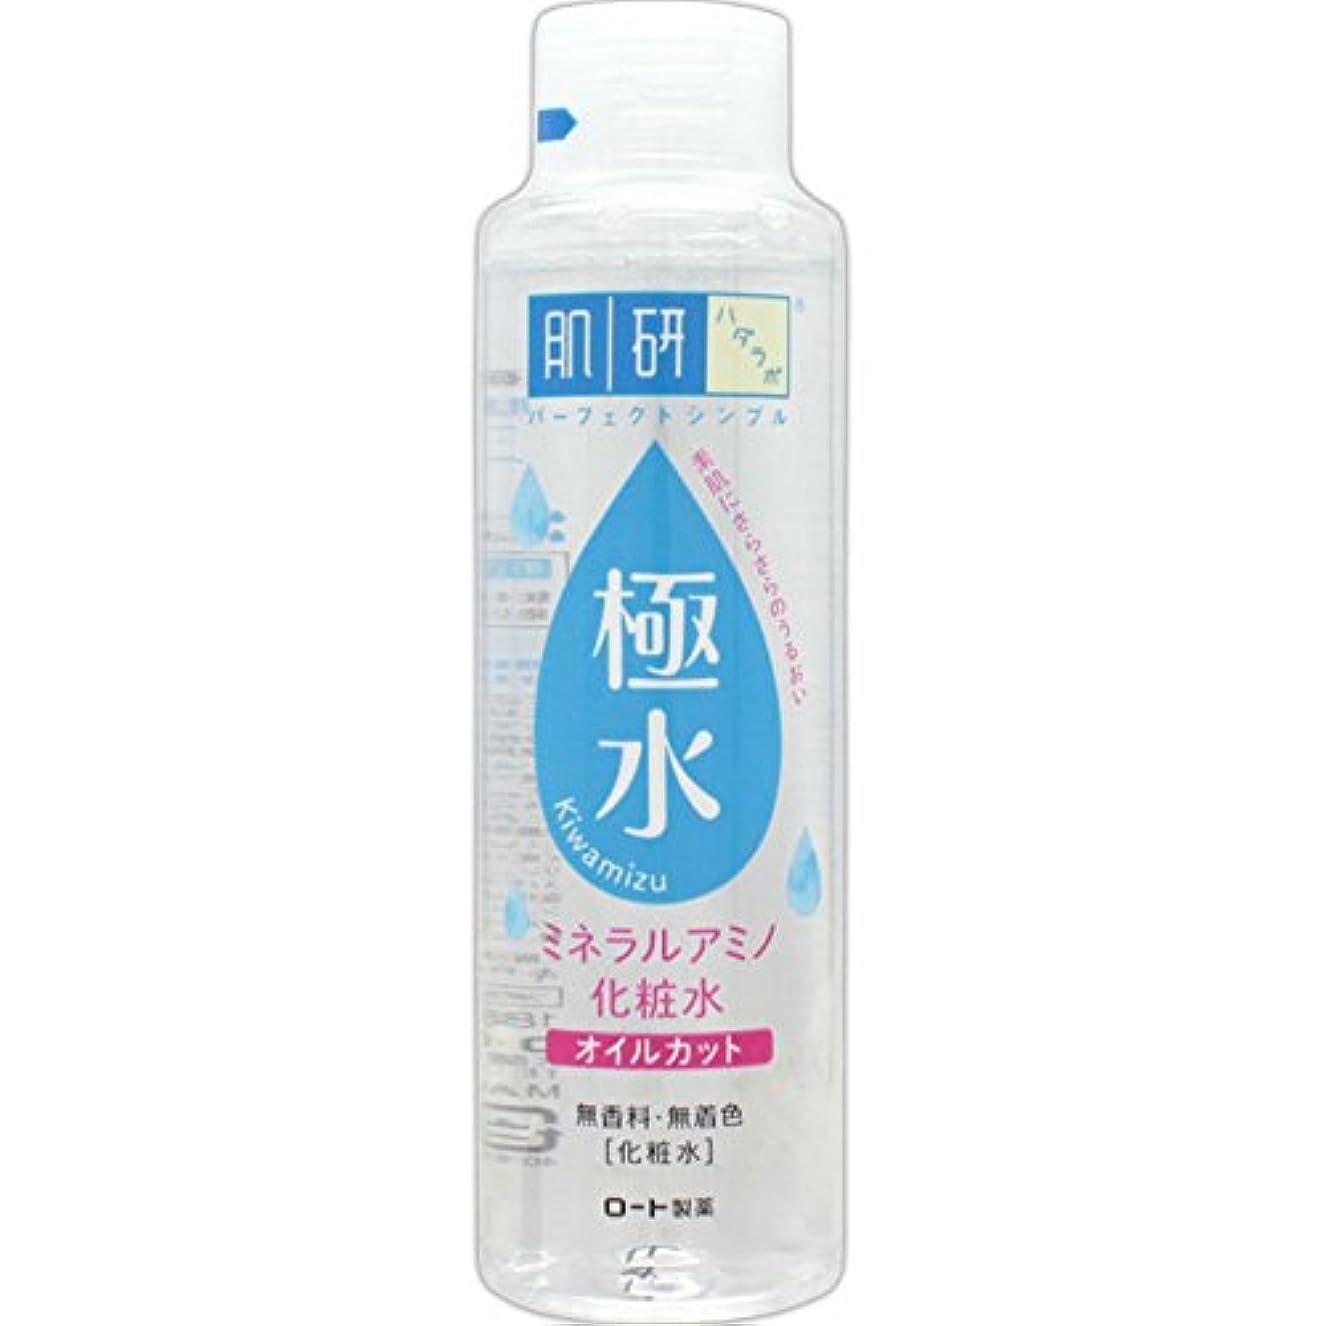 捨てる散逸人里離れた肌研(ハダラボ) 極水 ミネラルアミノ化粧水 180mL